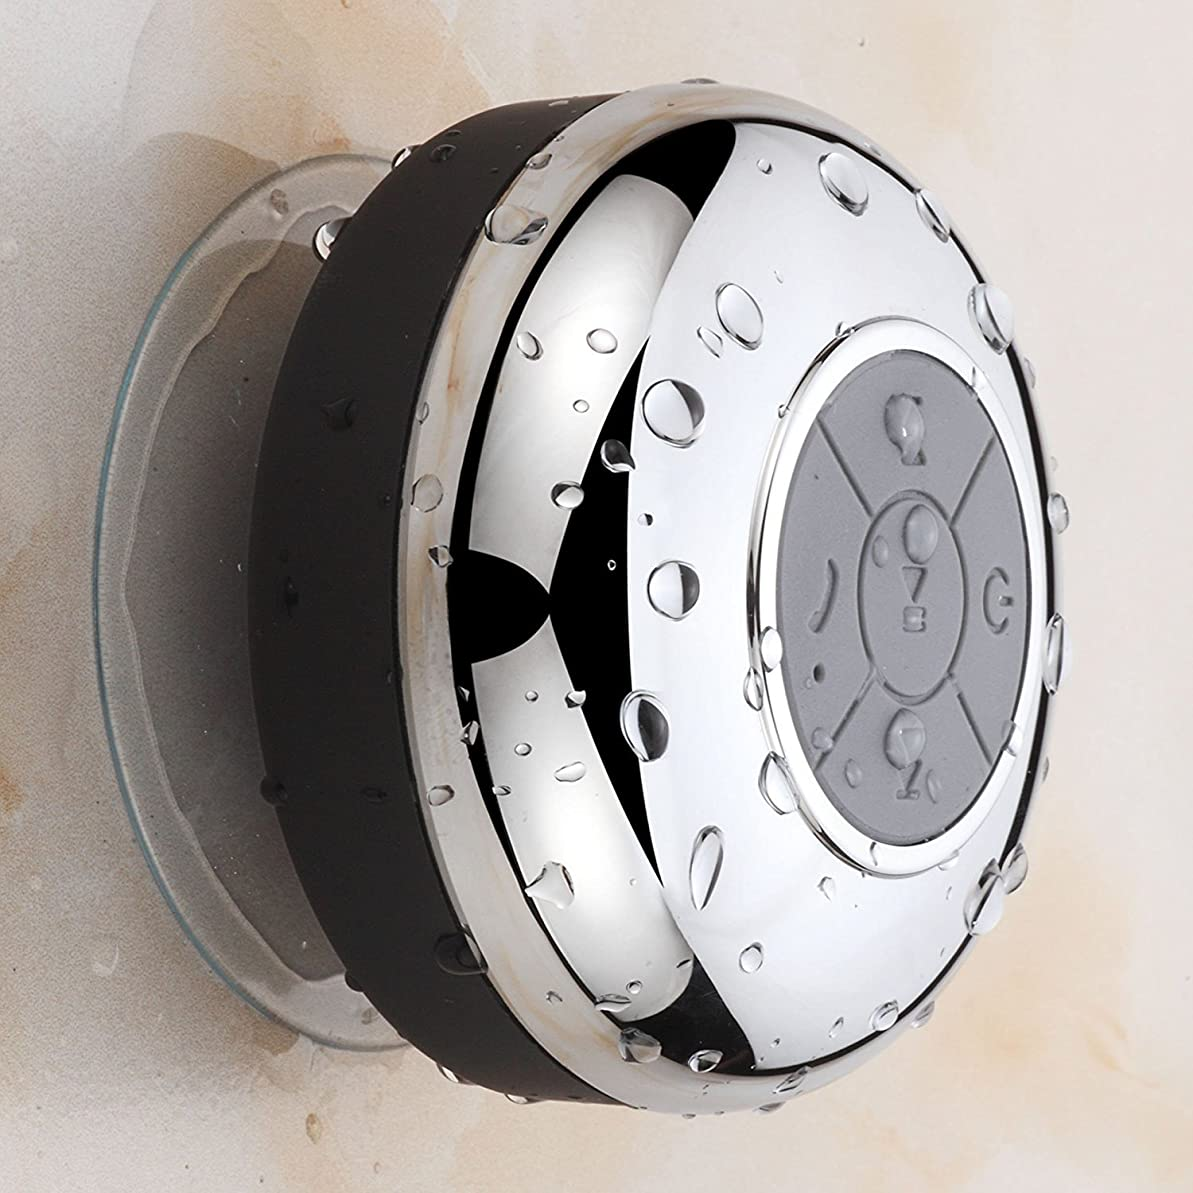 ベスト天国失態(ホテルスパ) HotelSpa?クロムIPX4防水Bluetoothシャワースピーカー